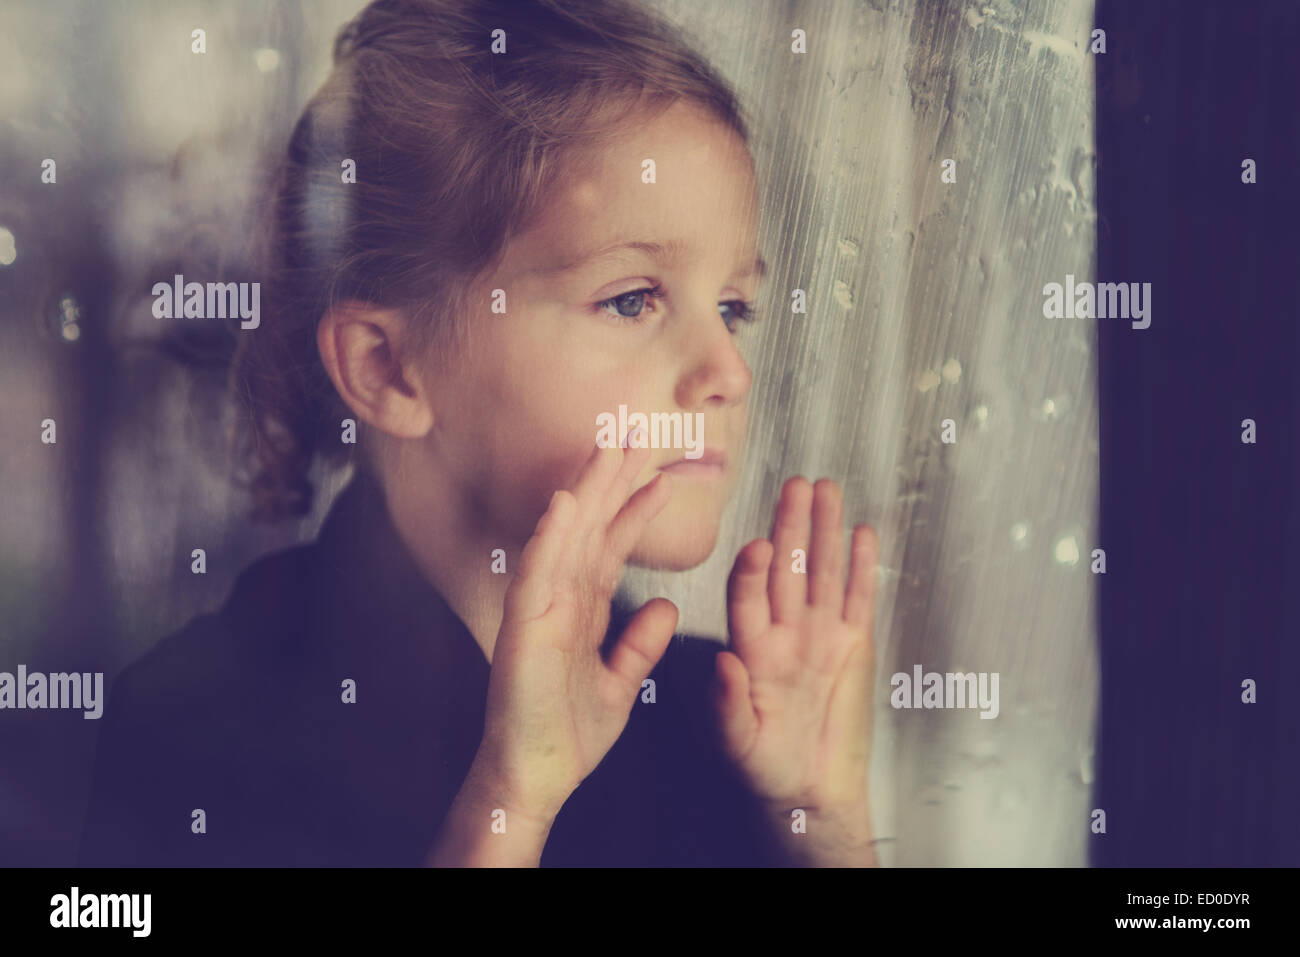 Chica (4-5) mirando a través de la ventana húmeda Imagen De Stock